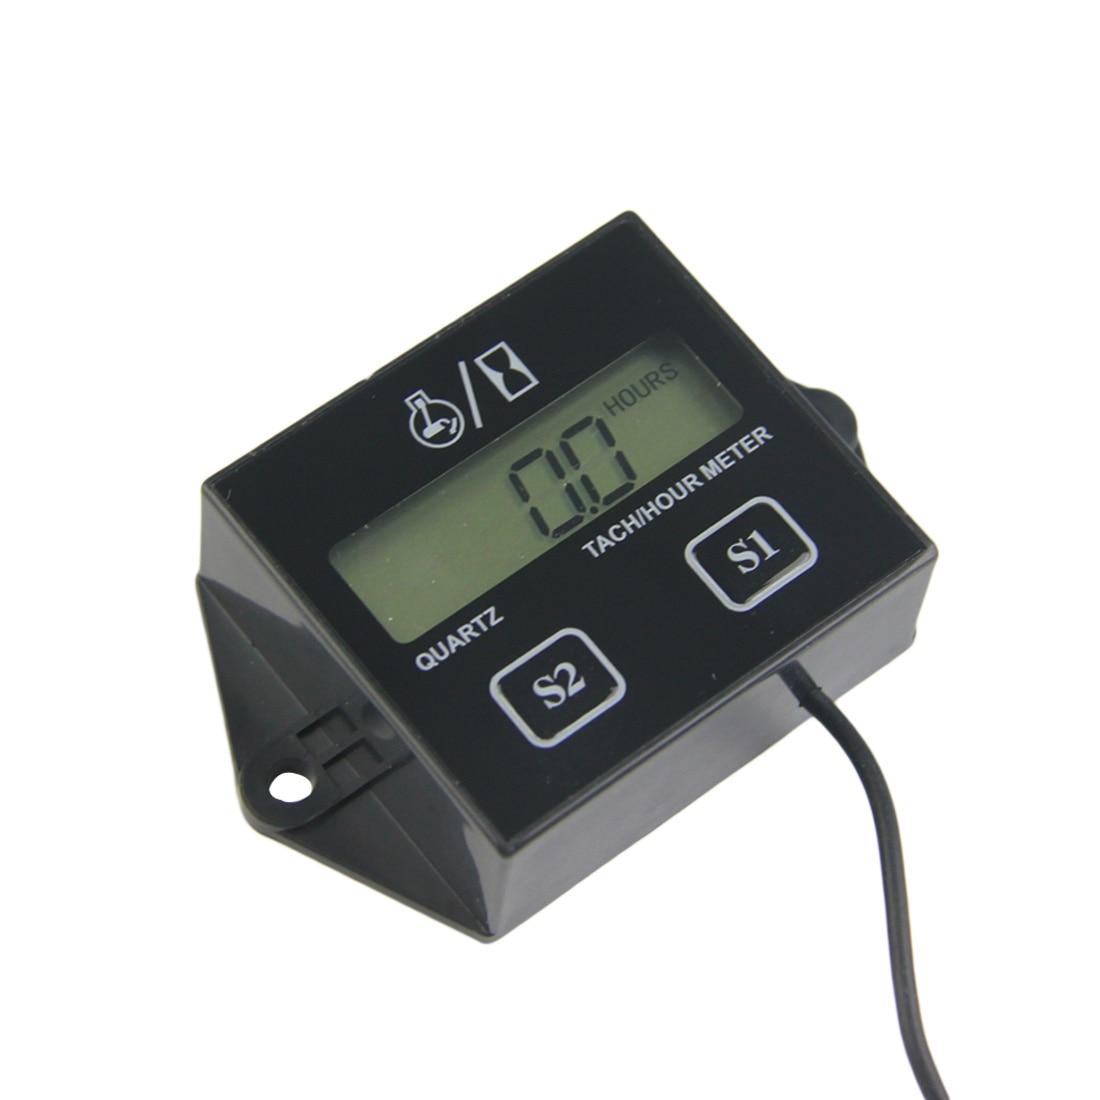 Tecnologia Indutivo Hour Meter Tacômetro Do Motor Digital Calibre Para A Motocicleta Do Curso Do Motor Do Motor de Ignição